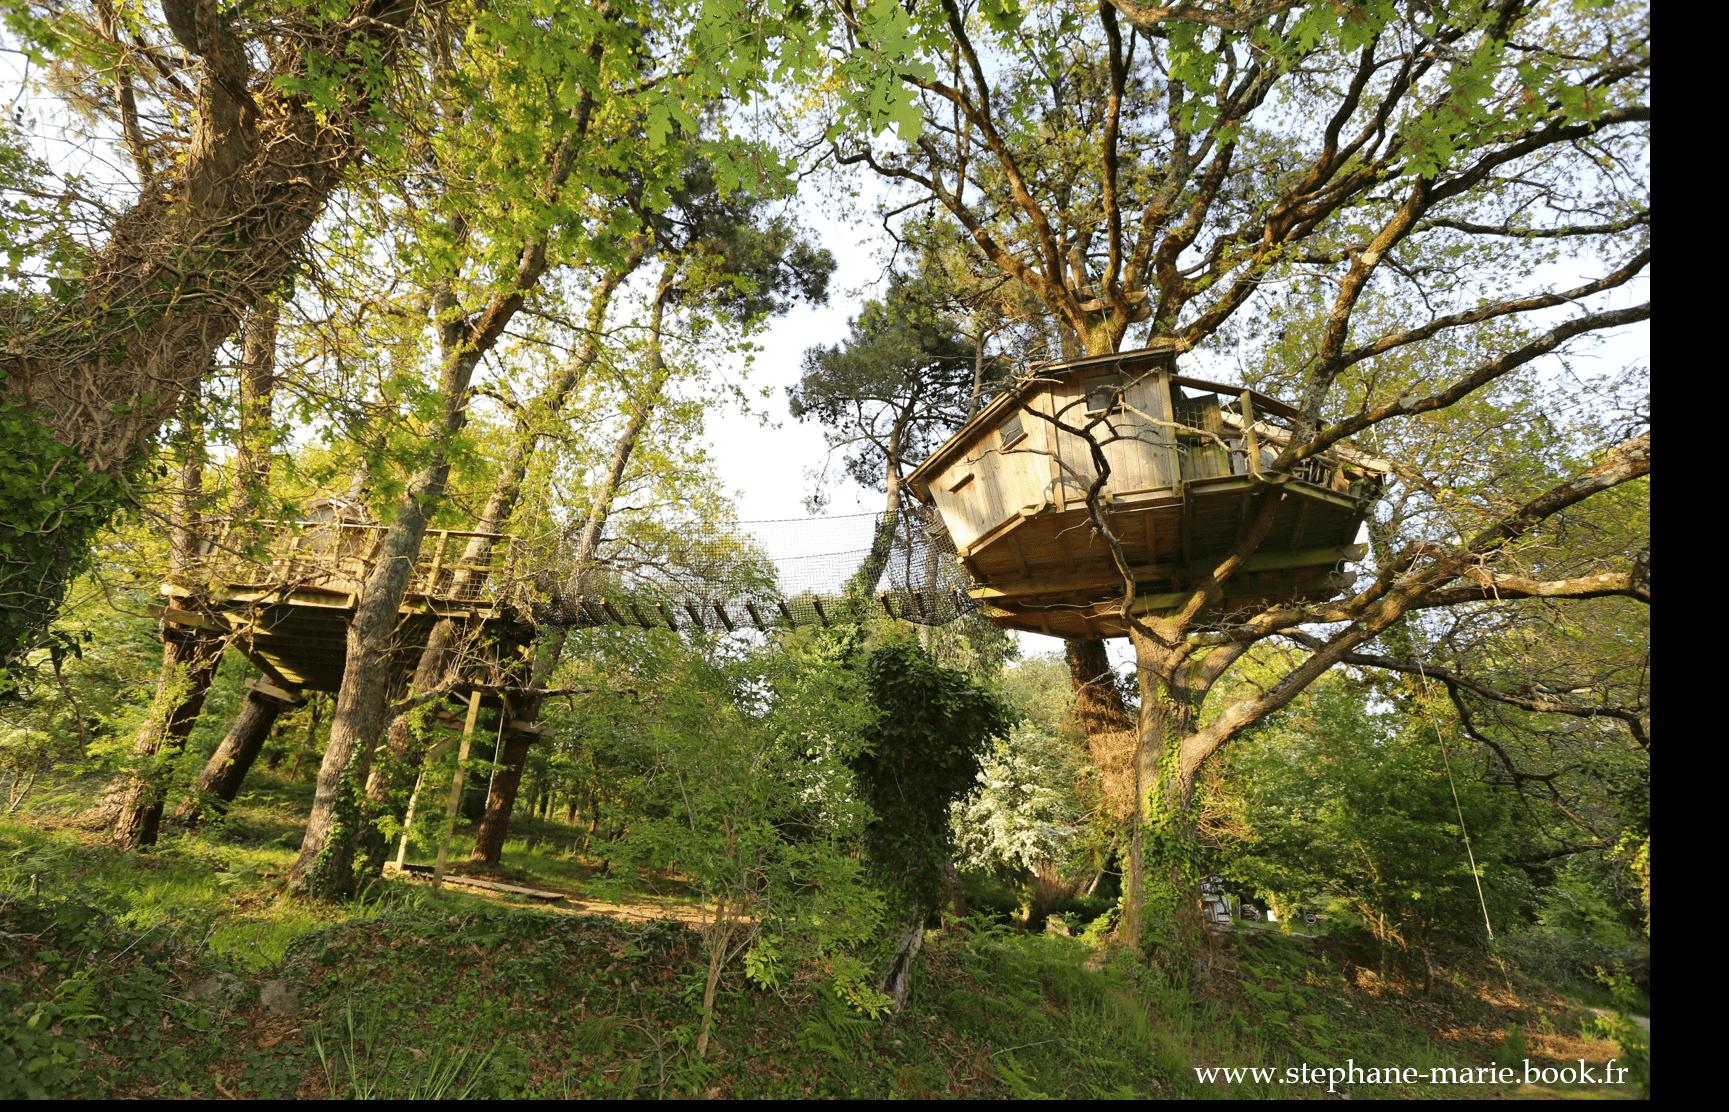 cabane dans les arbres pradan h tel perch en bretagne. Black Bedroom Furniture Sets. Home Design Ideas